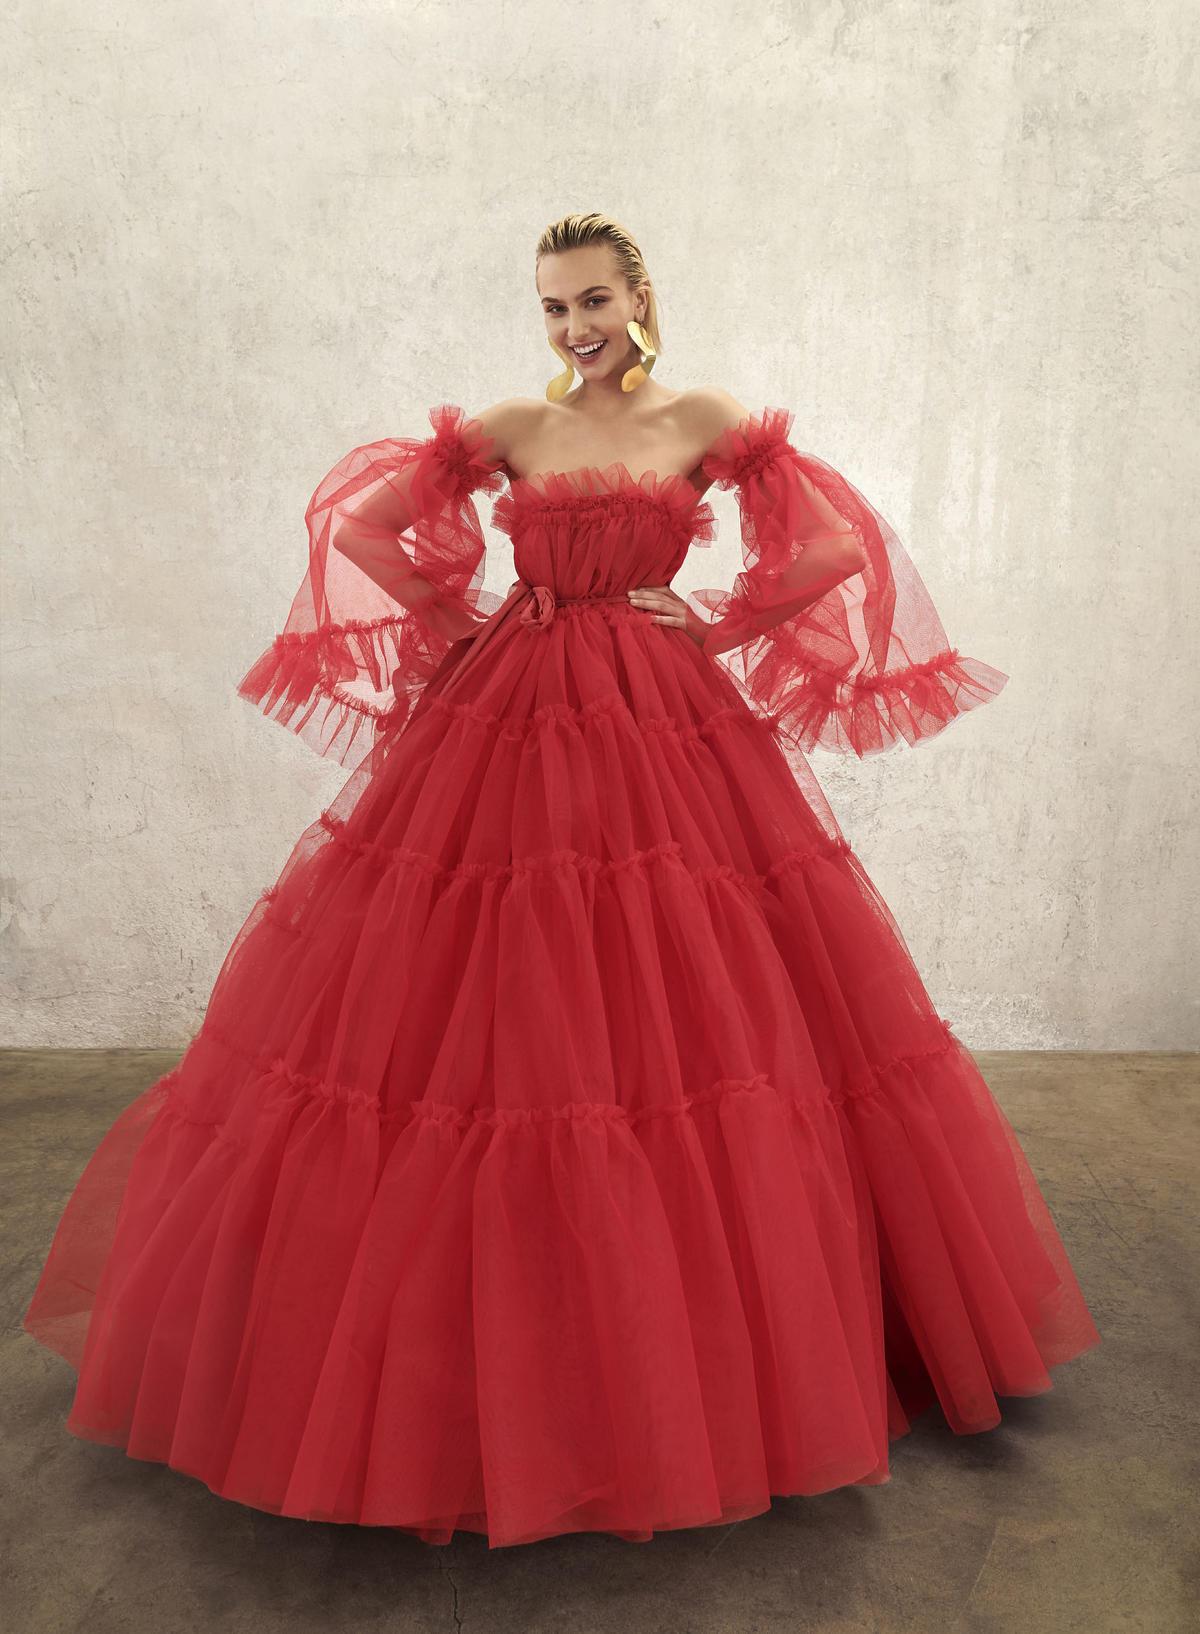 duplo-czerwona-suknia-balowa-adrian-krupa